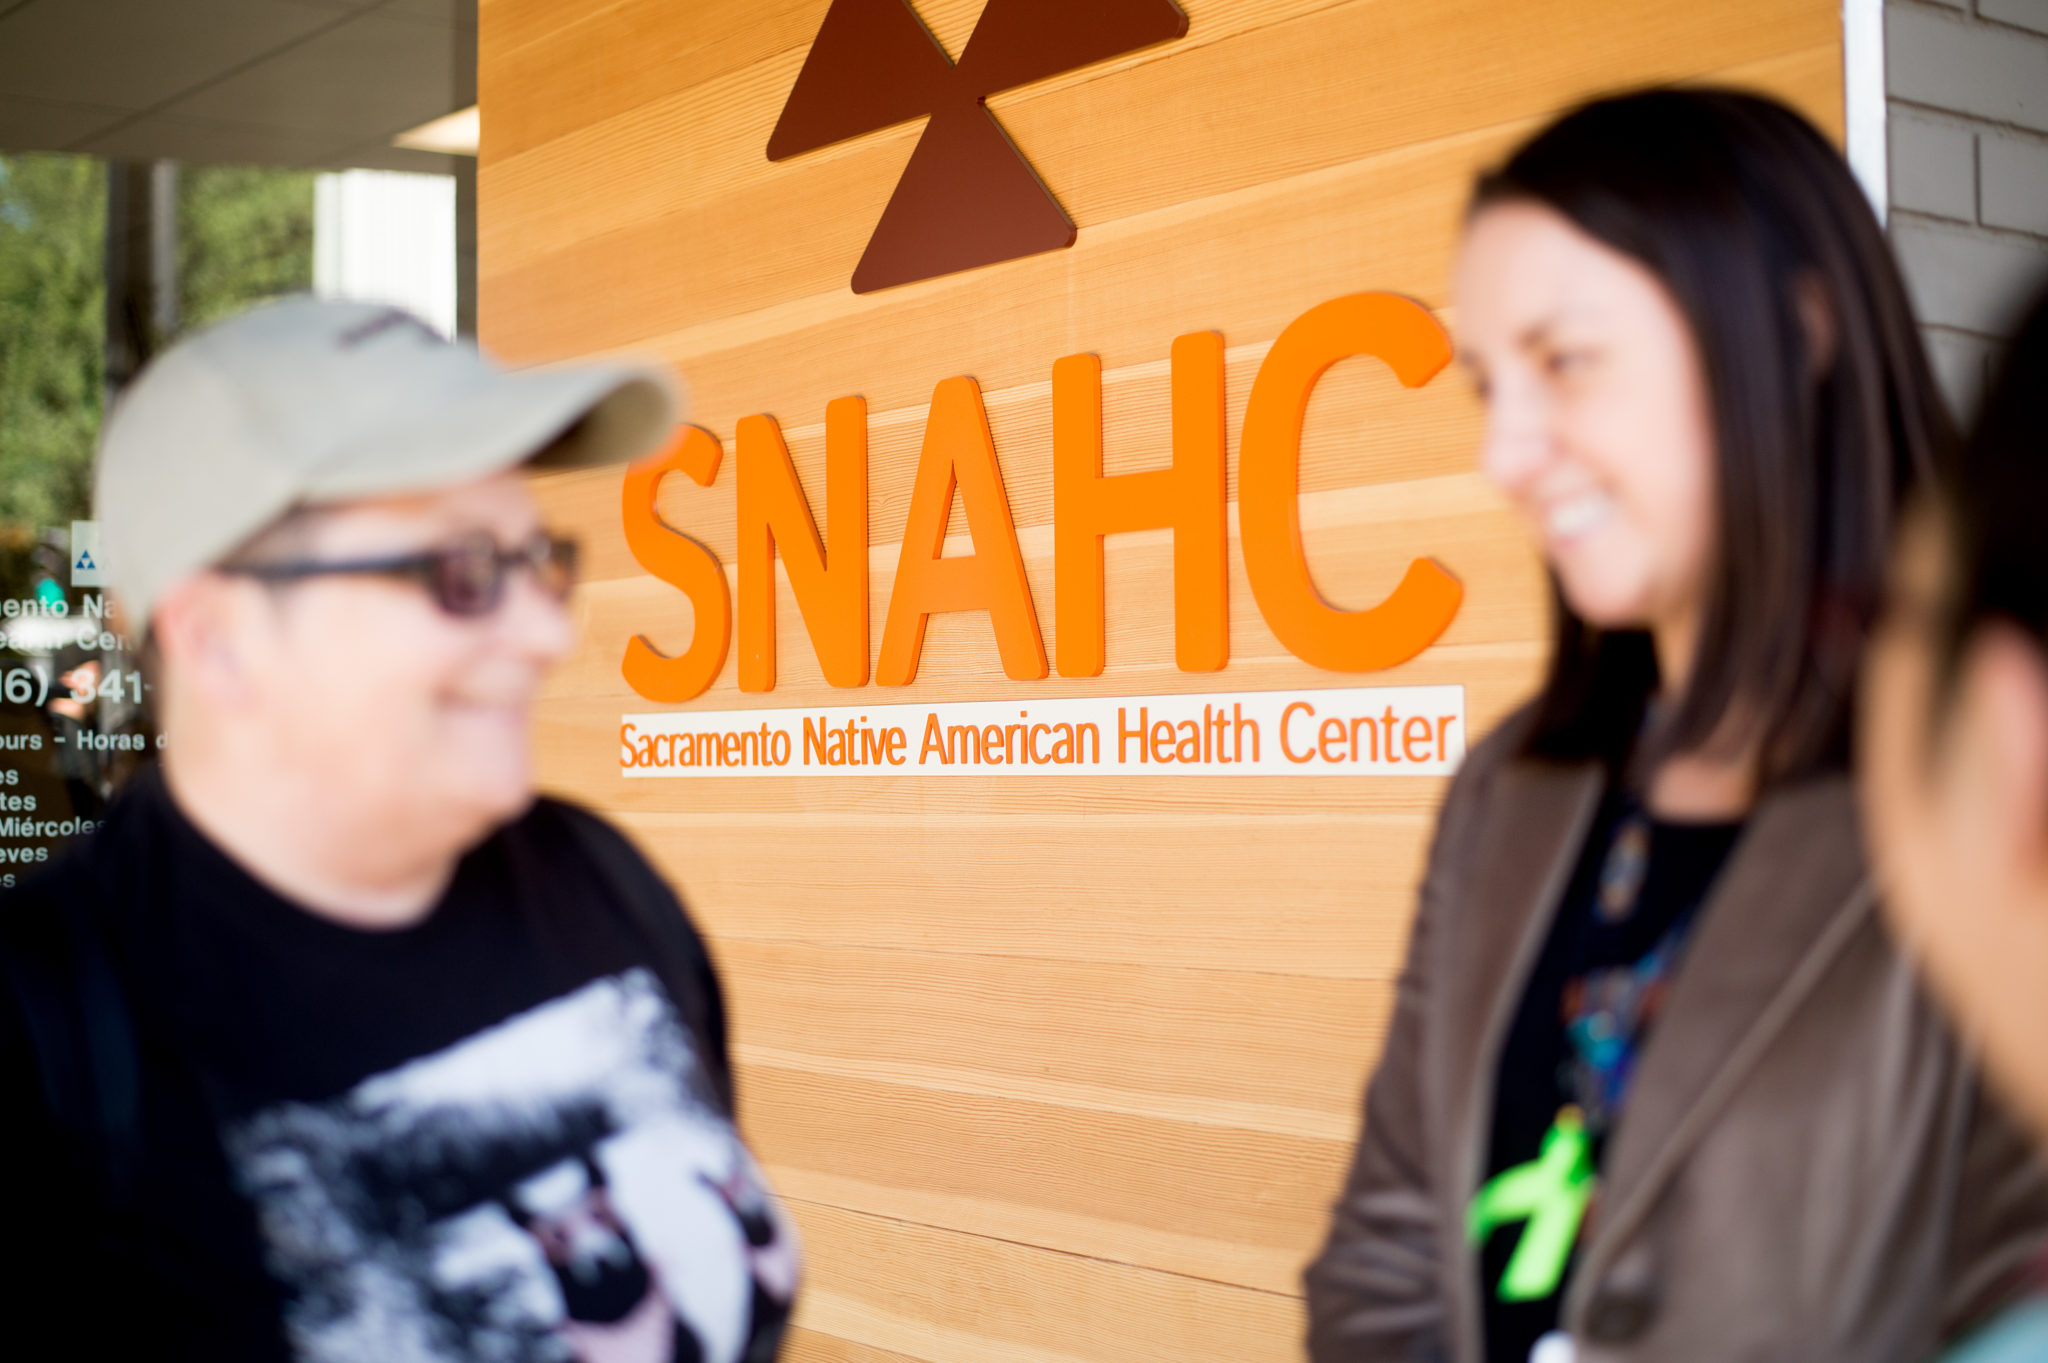 Sacramento Native American Health Center Photos Copyright Noah Berger / 2016